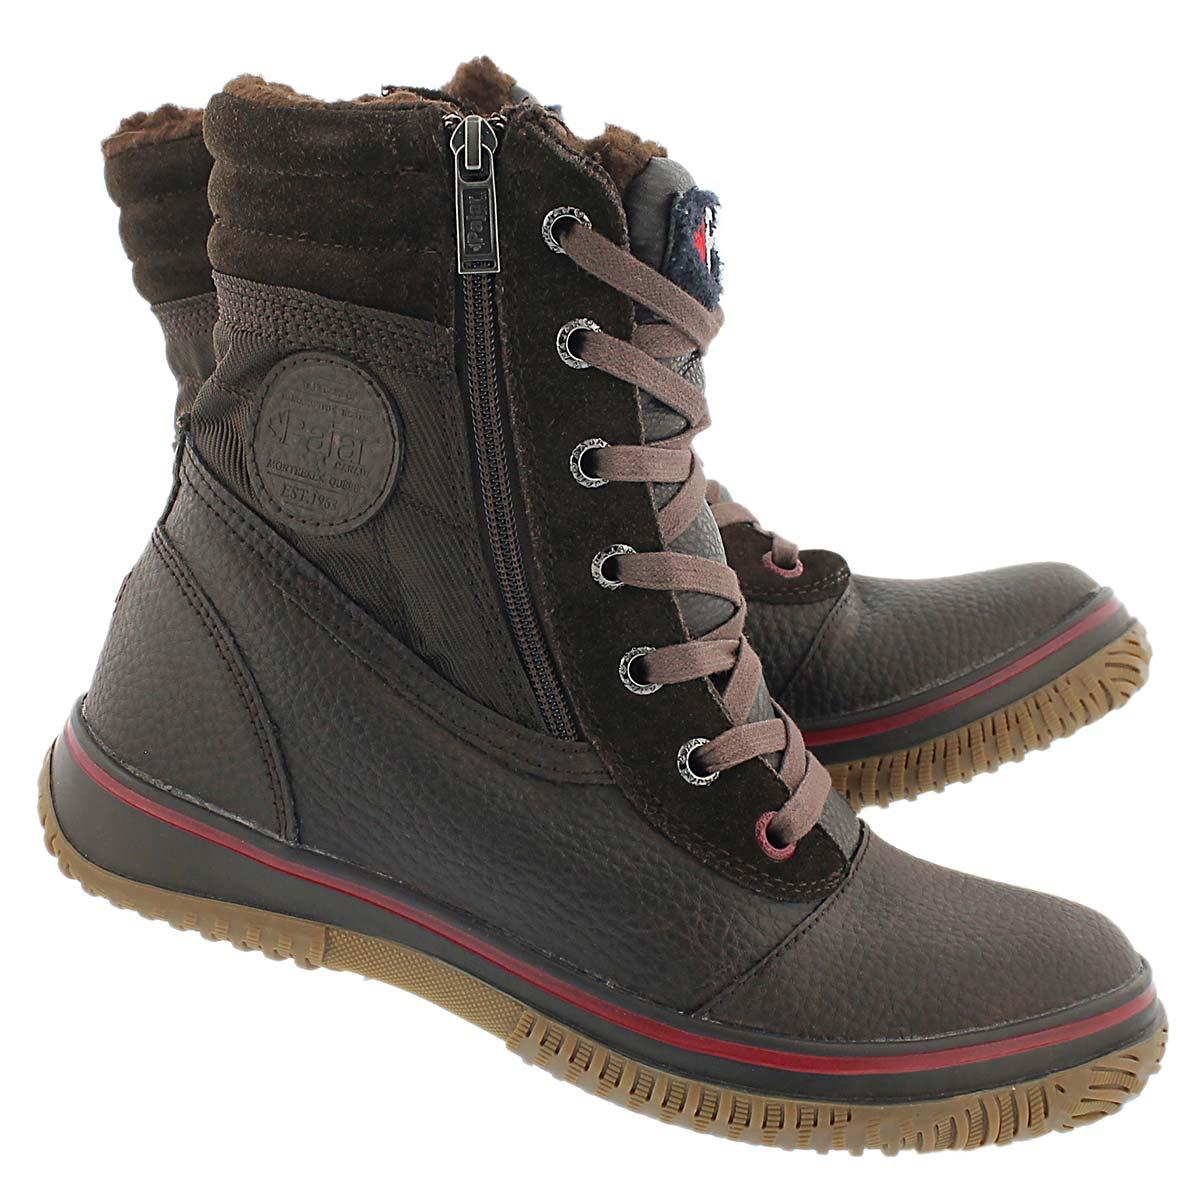 Mns Trooper dk brn wtrpf mid winter boot